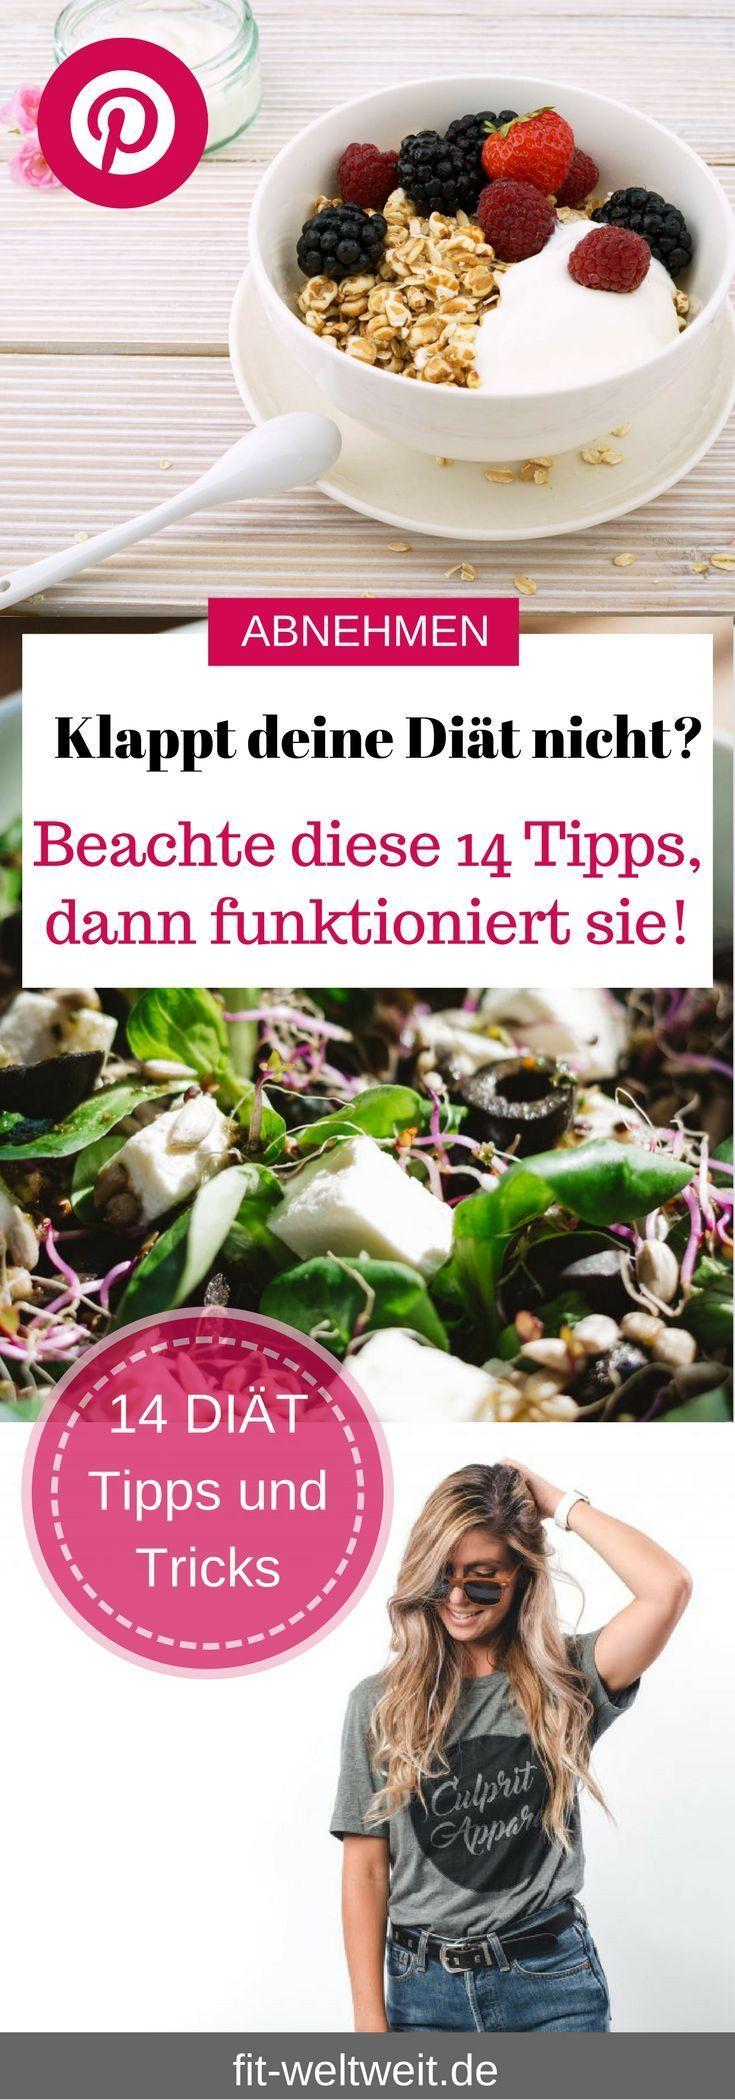 14 Diät Tipps, die langfristig funktionieren (Tipps und Tricks) – fit-weltweit.de